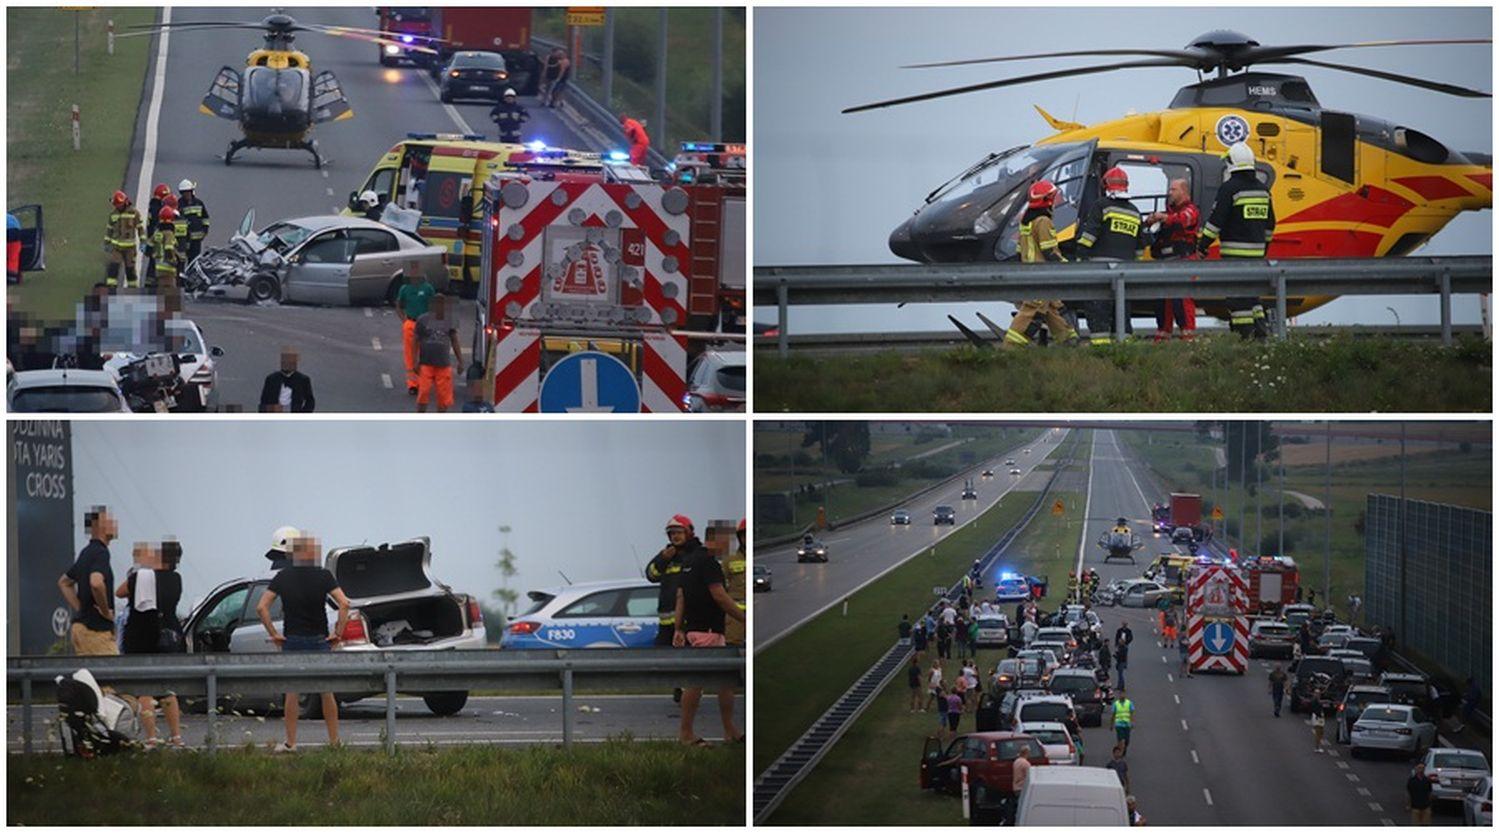 Osobówka zderzyła się z ciężarówką: na autostradzie pod Kutnem lądował śmigłowiec. Wśród poszkodowanych dziecko [ZDJĘCIA] - Zdjęcie główne